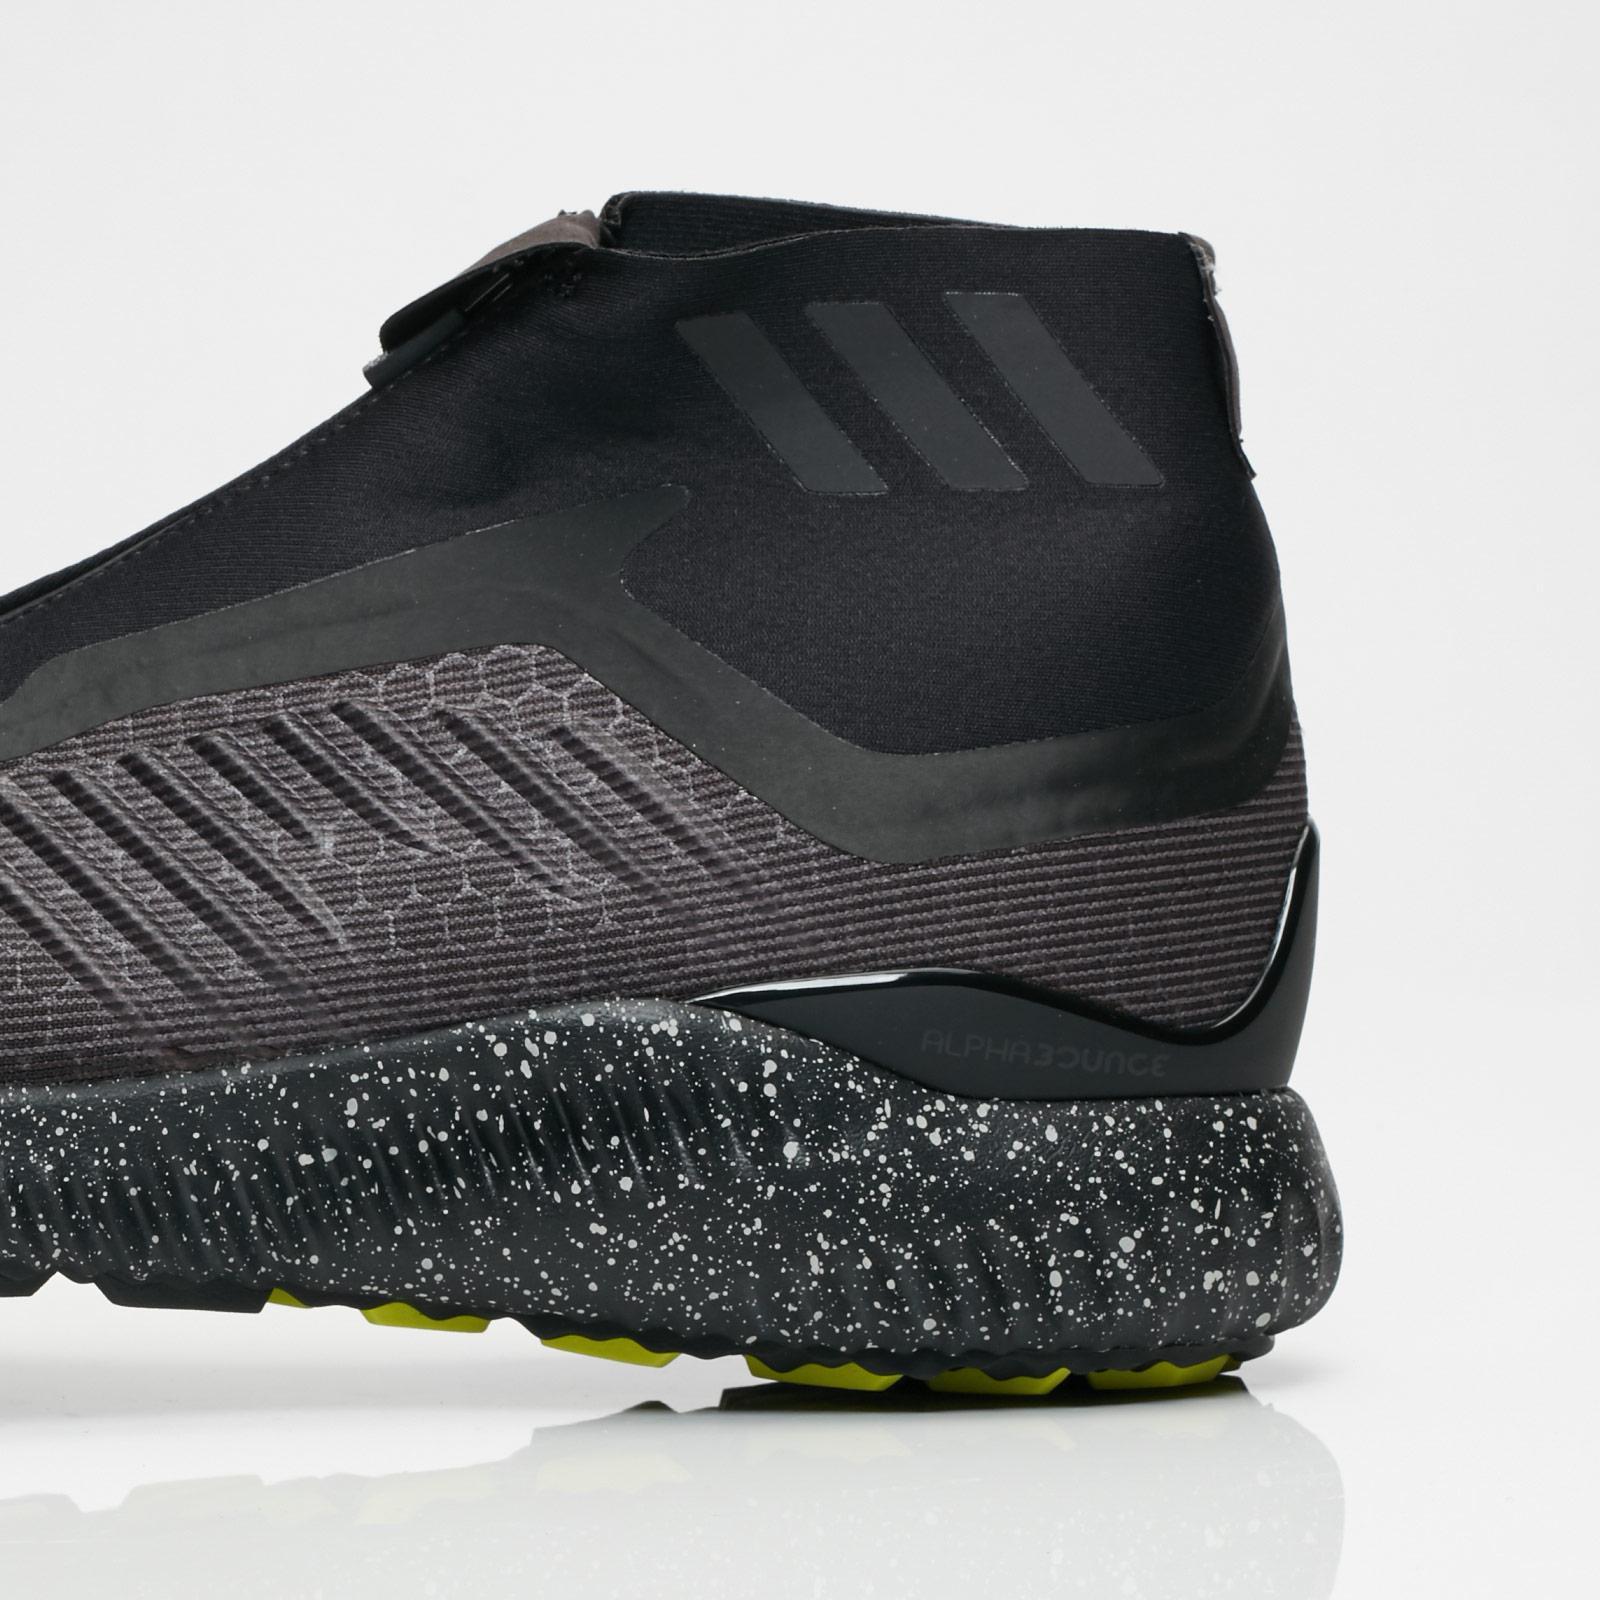 df8d23ebd adidas Alphabounce Zip M - Bw1386 - Sneakersnstuff